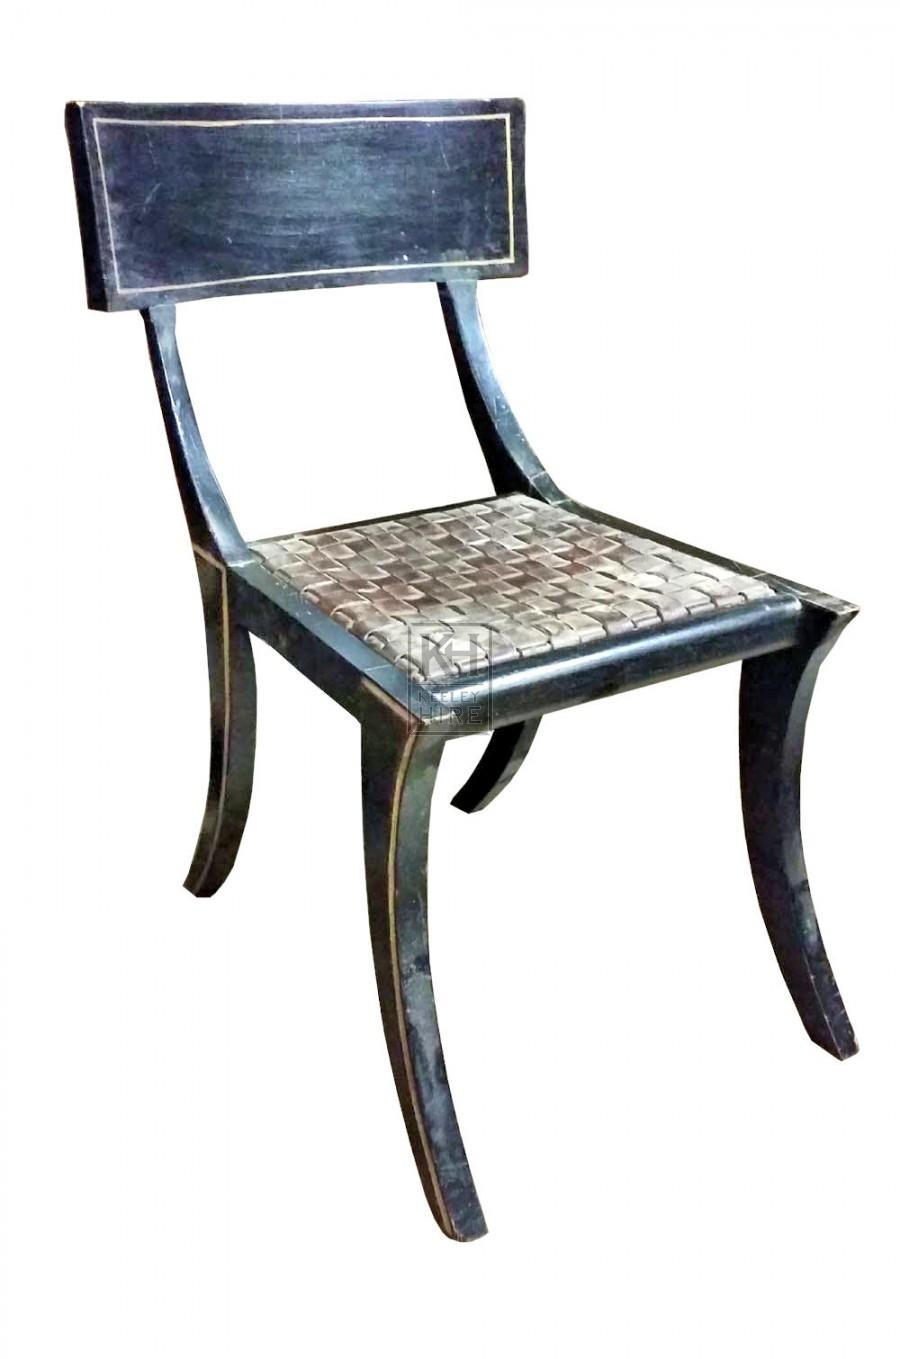 Black curved leg chair